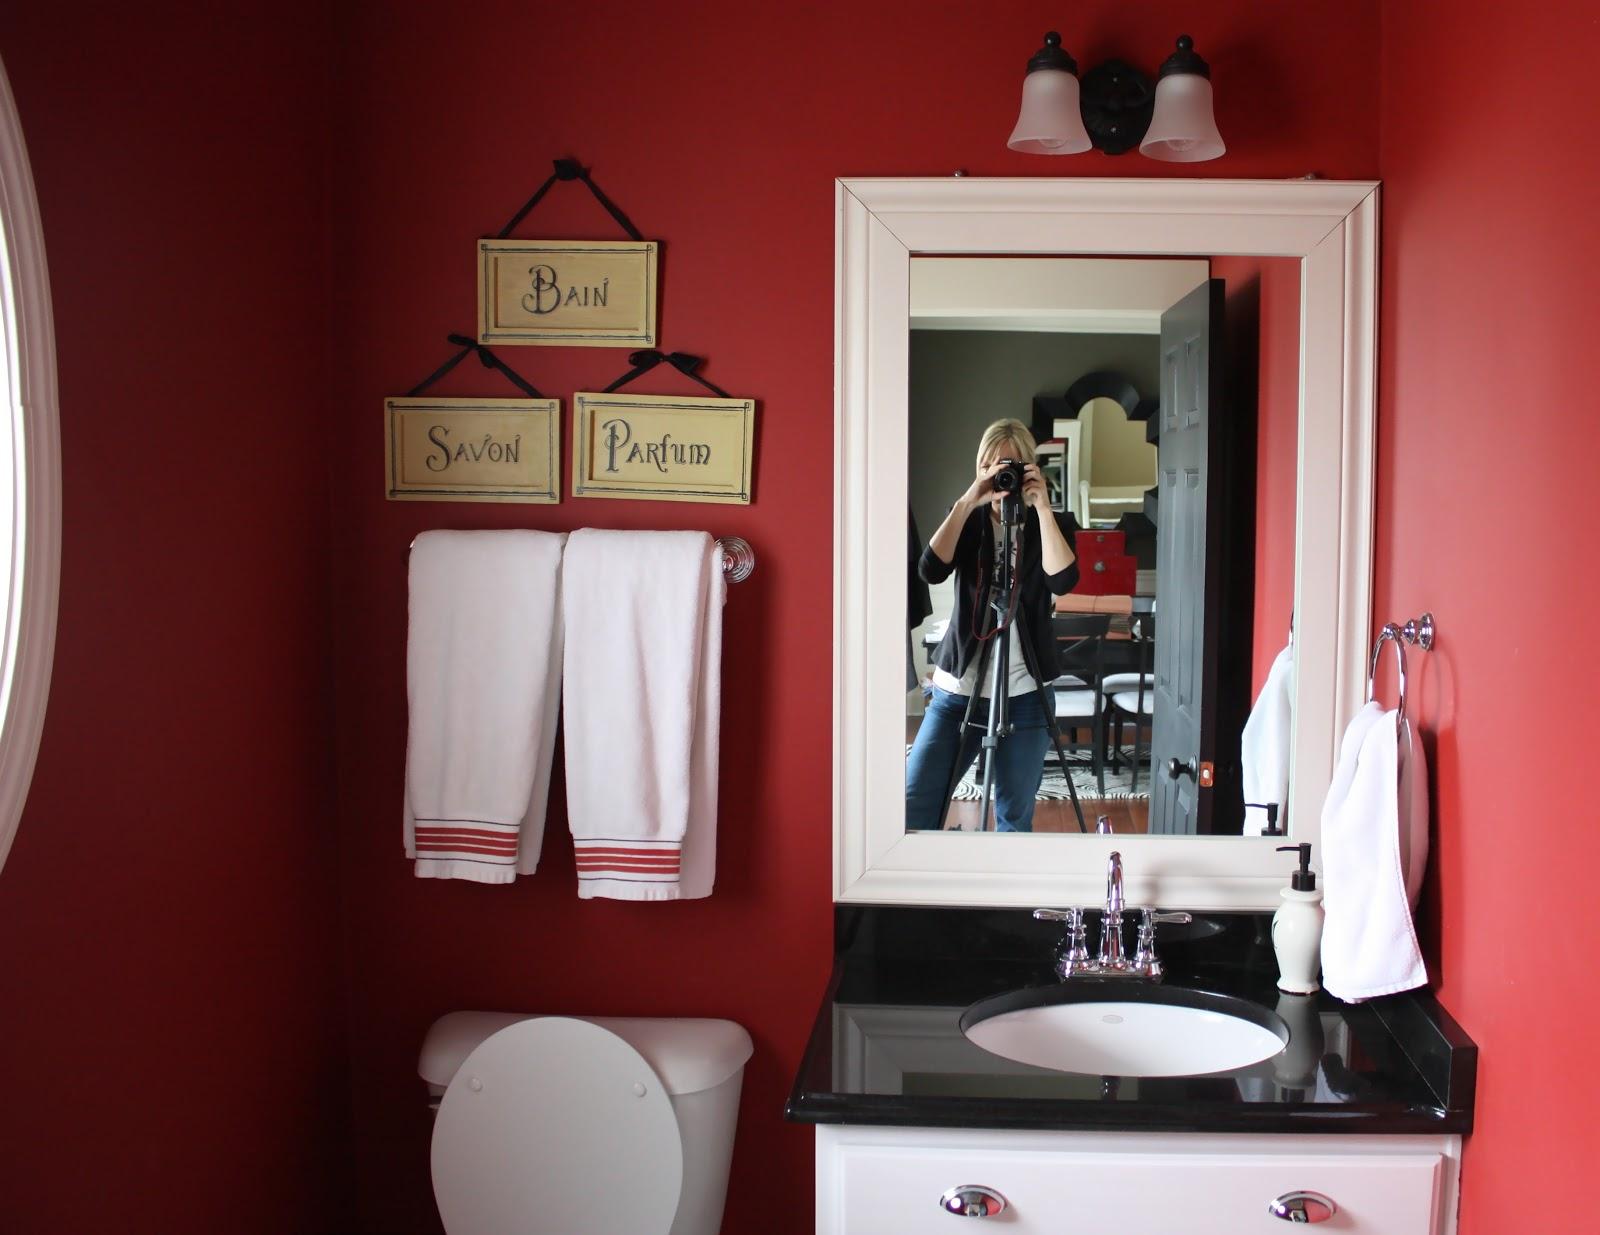 Reformar y decorar con muebles de ba o baratos hoy lowcost - Muebles auxiliares de bano baratos ...